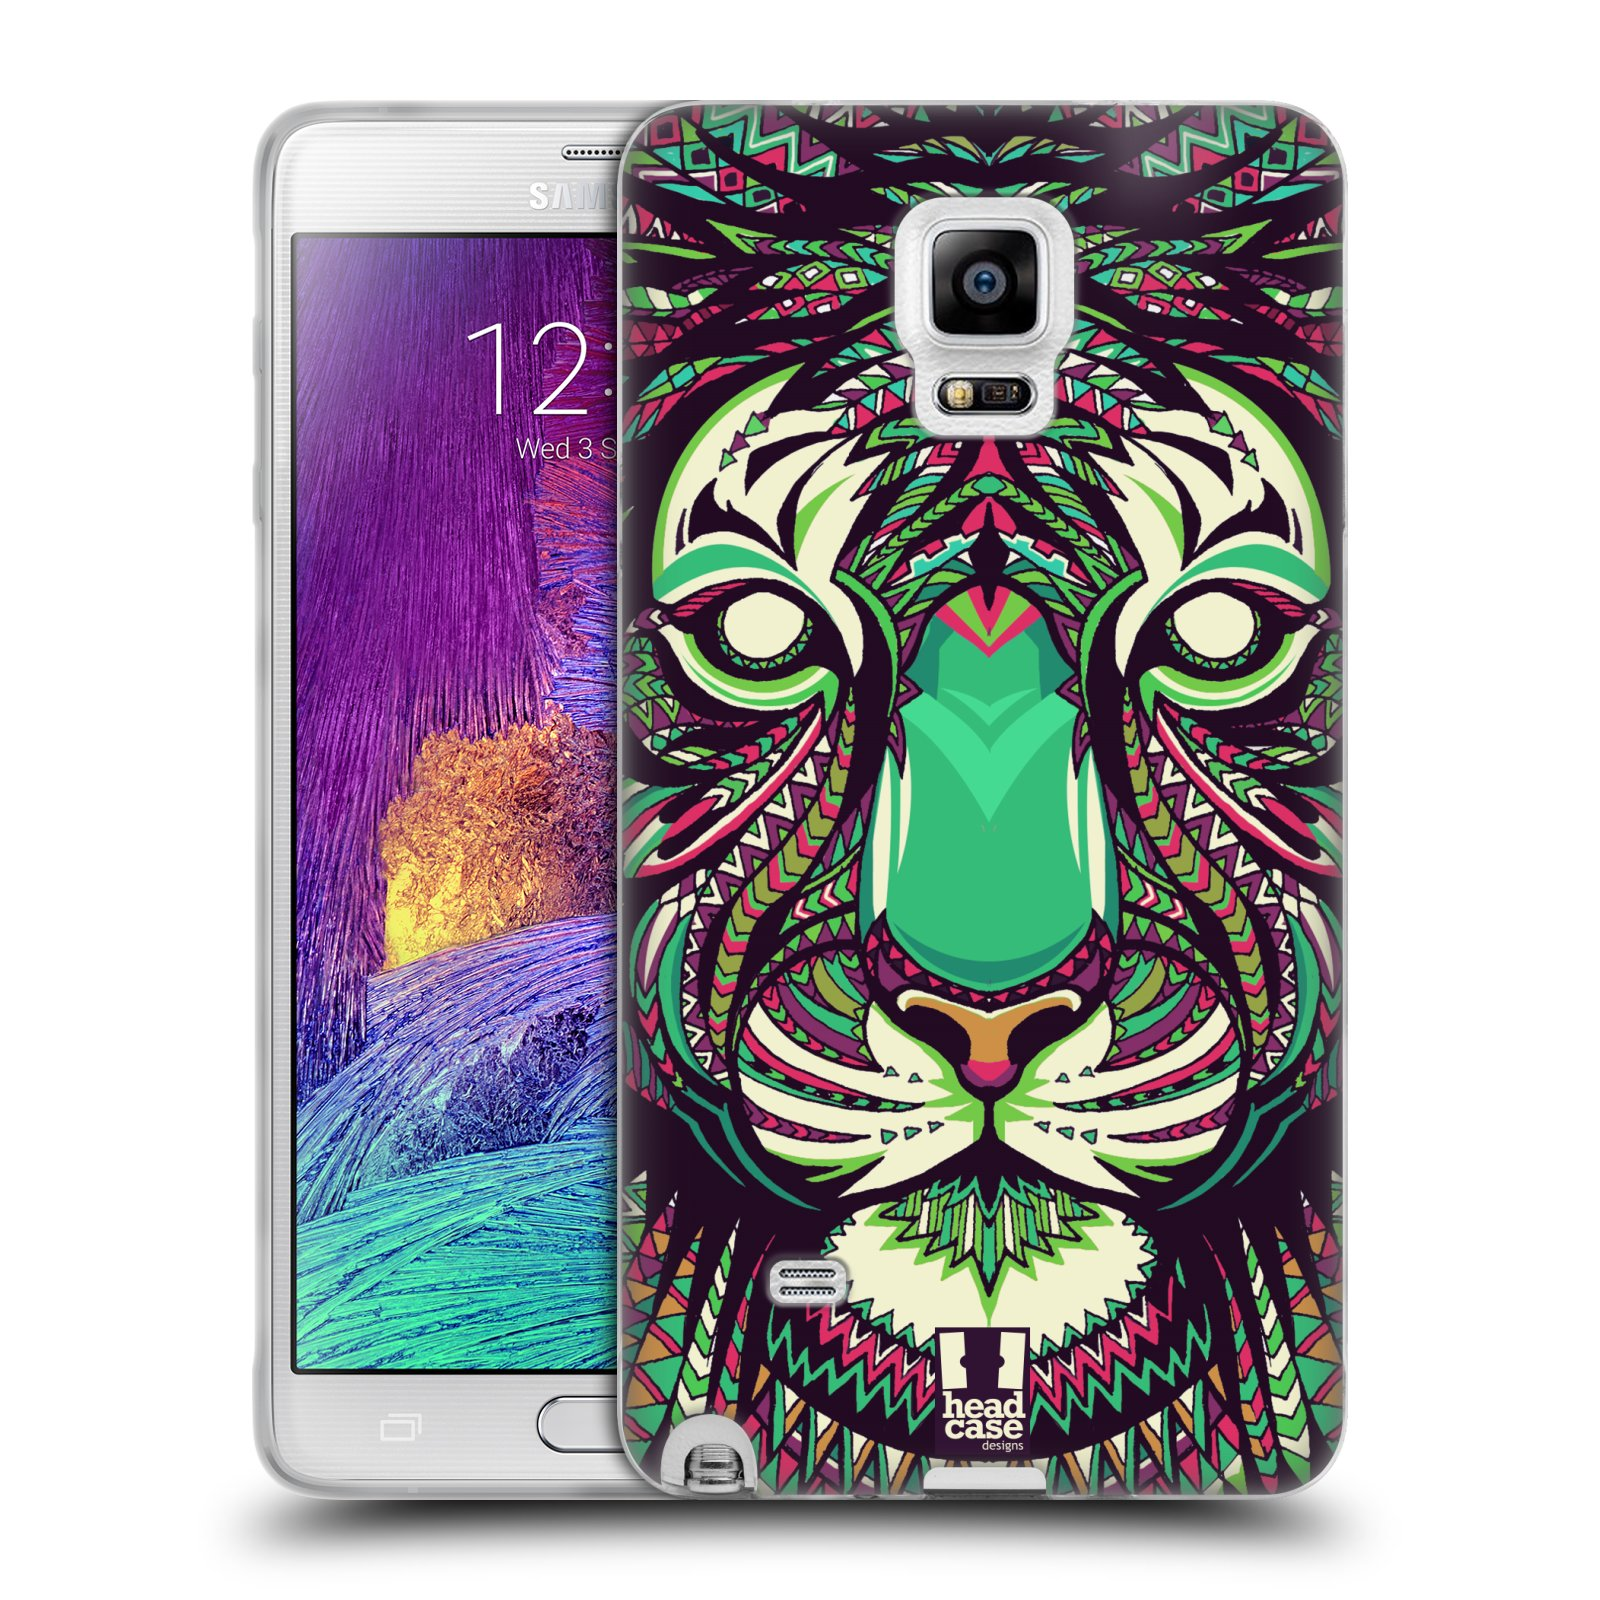 Silikonové pouzdro na mobil Samsung Galaxy Note 4 HEAD CASE AZTEC TYGR (Silikonový kryt či obal na mobilní telefon Samsung Galaxy Note 4 SM-N910F)